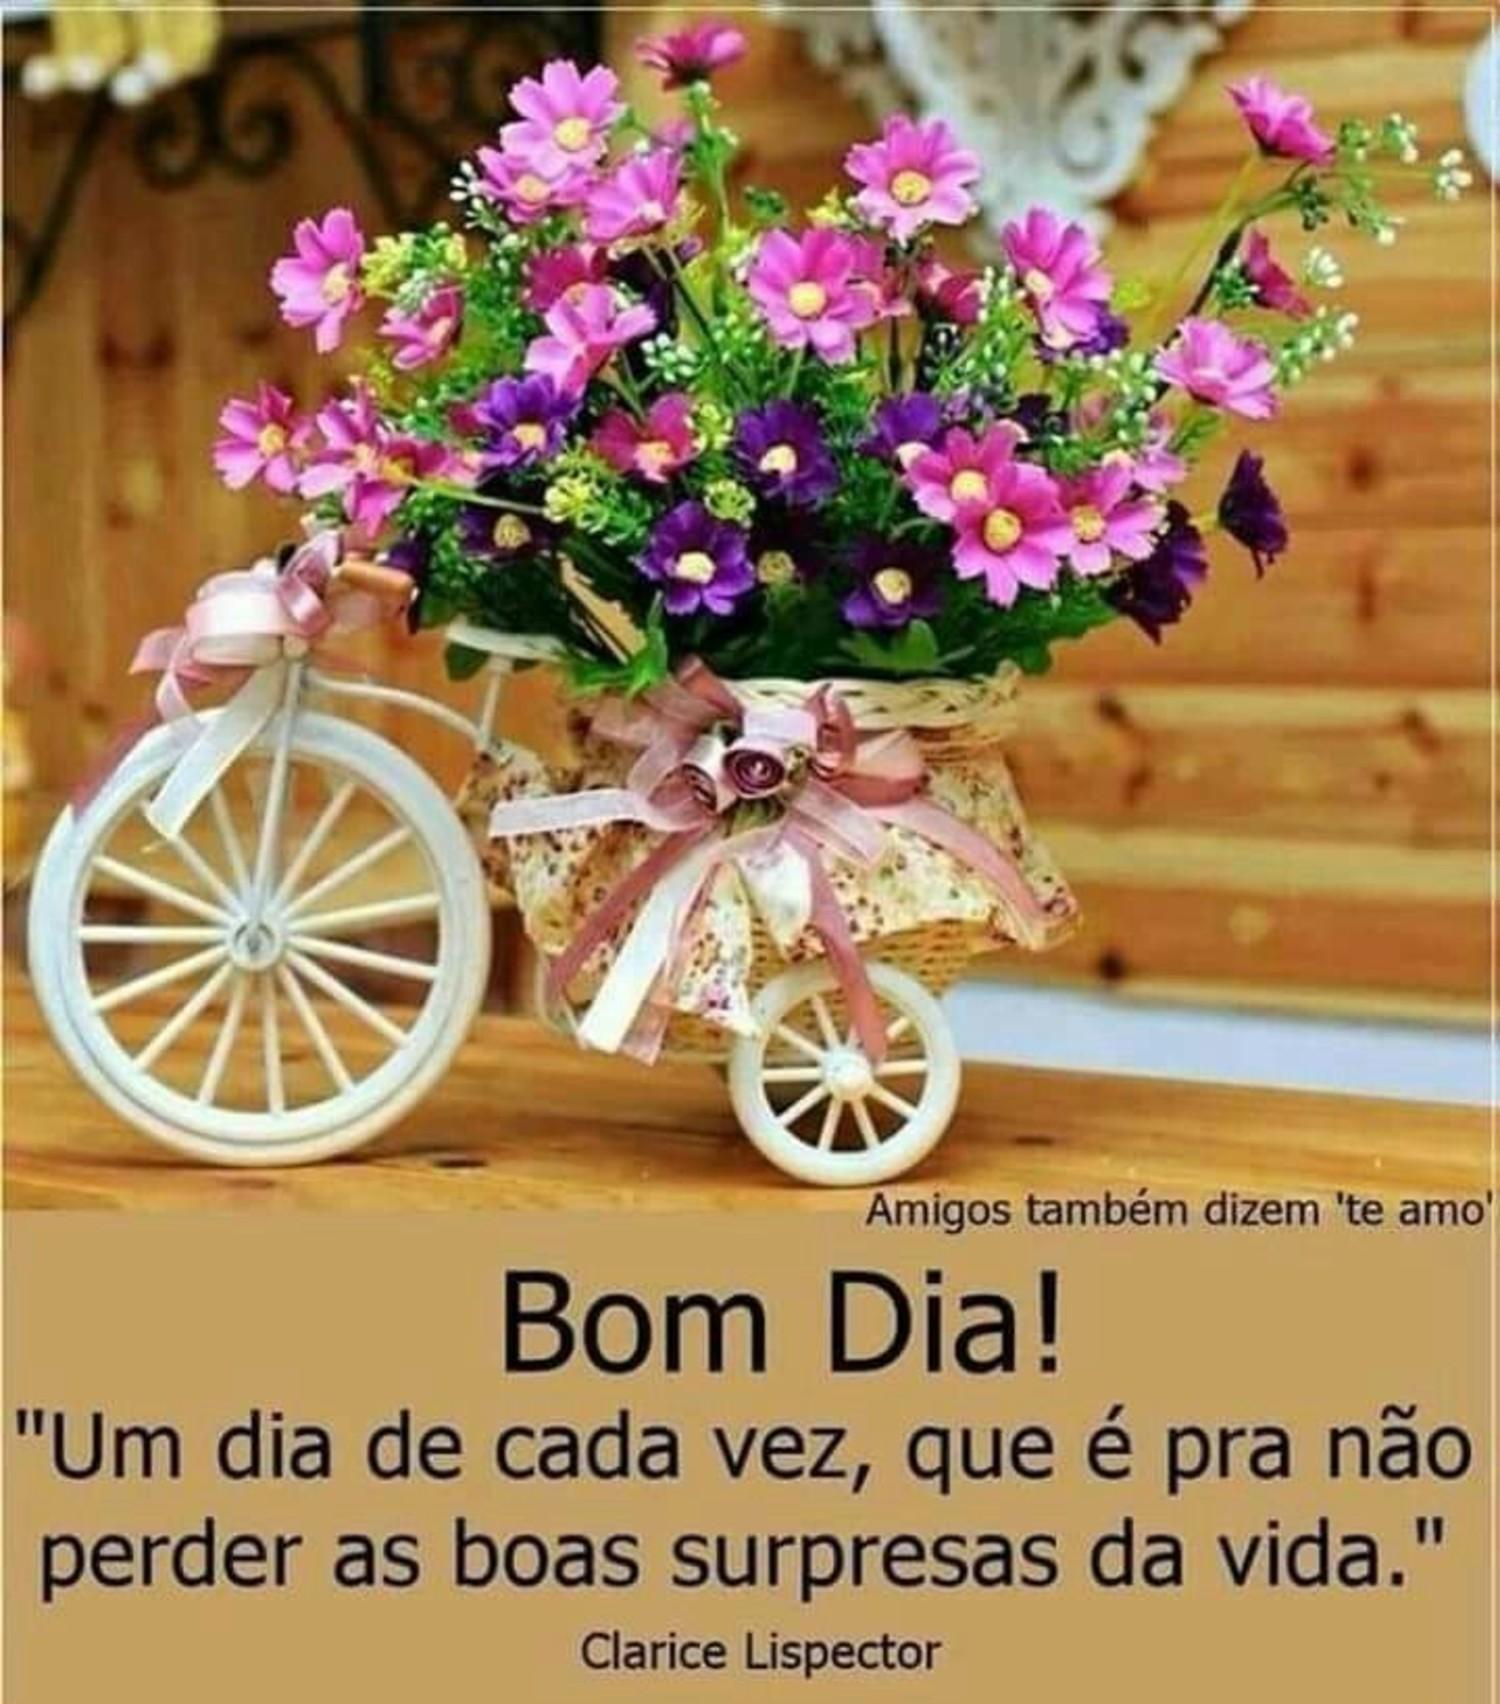 Imagens Bom Dia de amizade 996